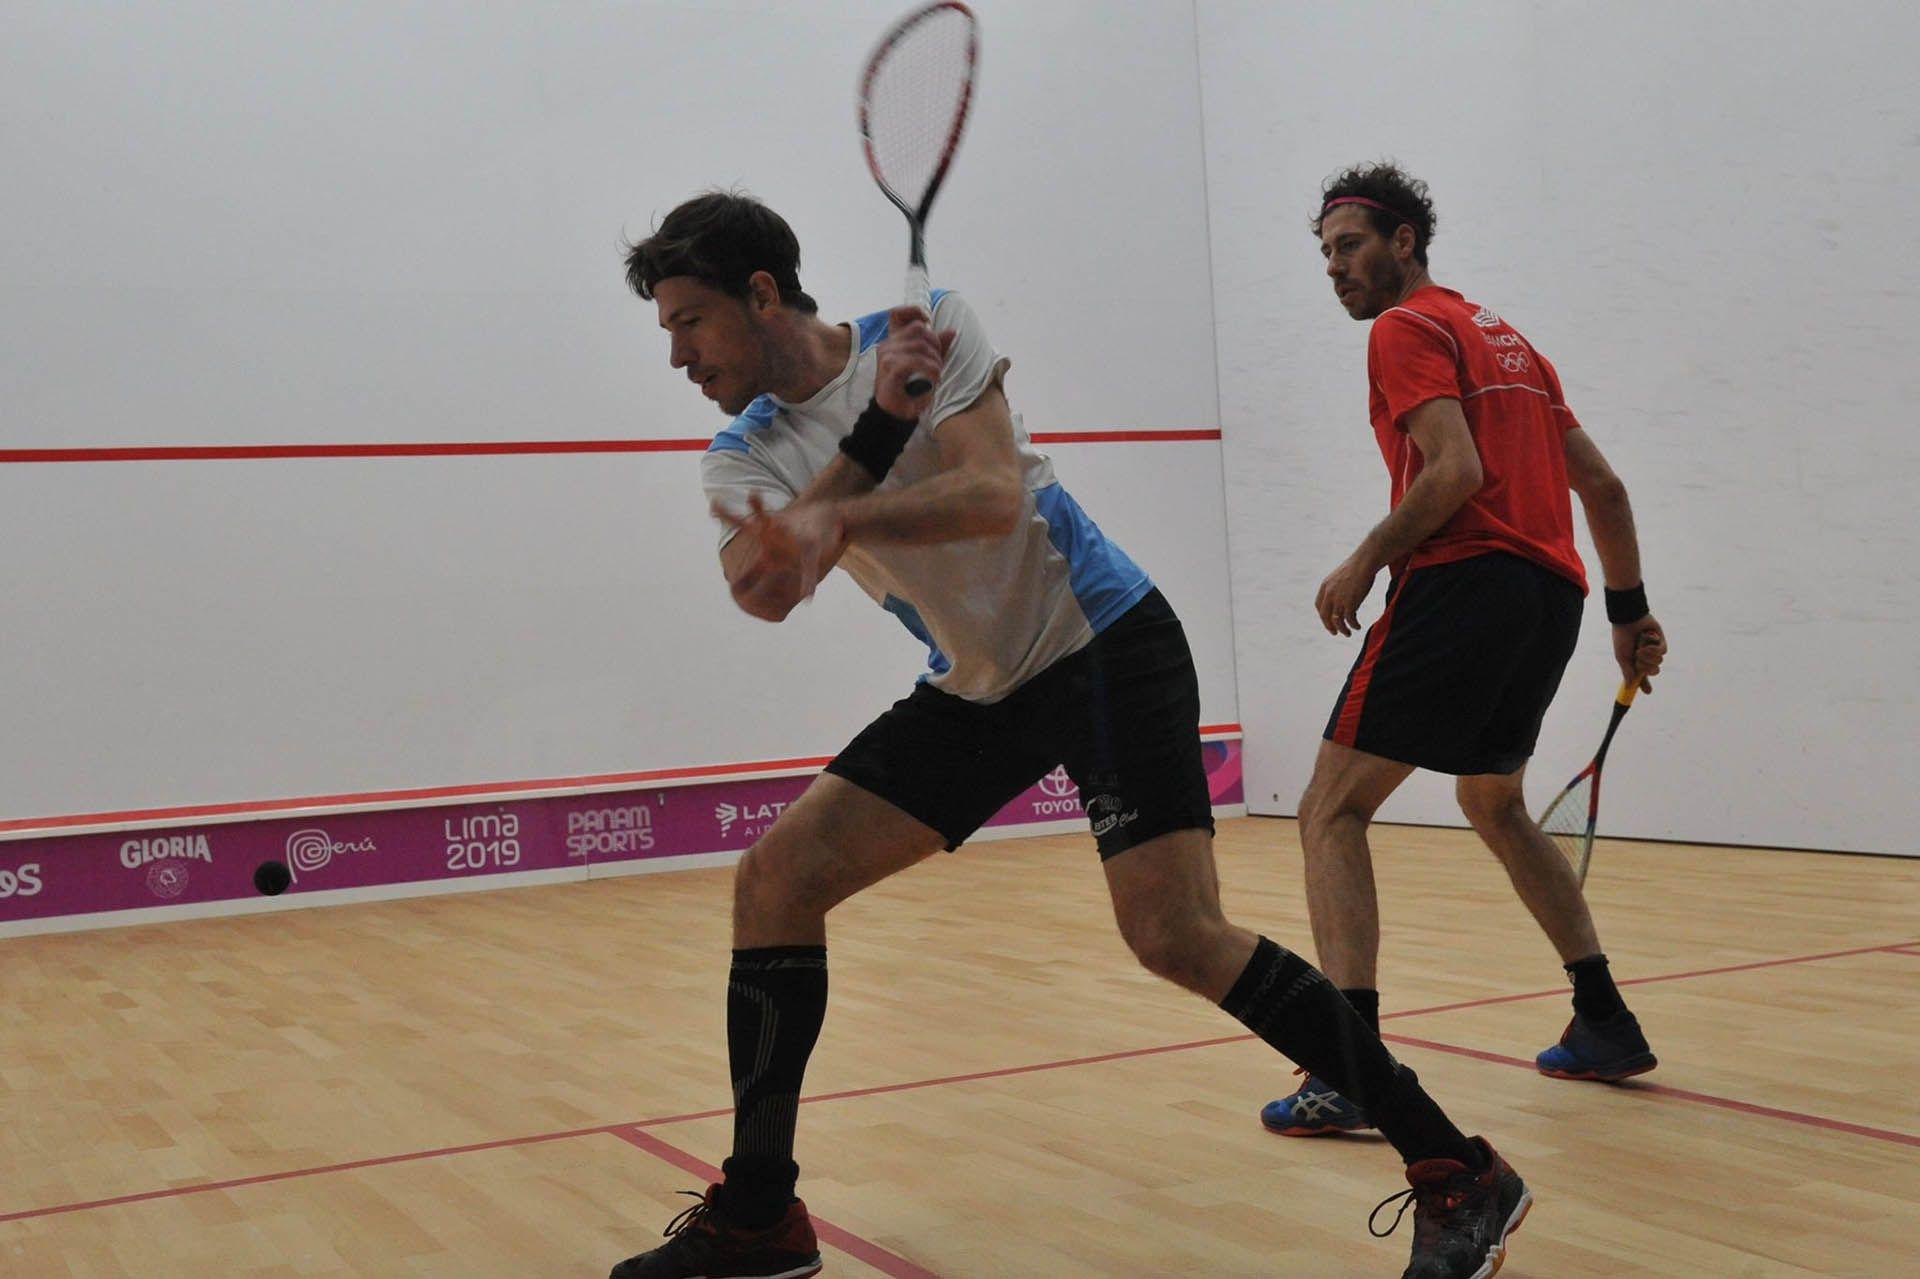 Roberto Pezzota cayó en las semifinales del squash individual yse quedó con la medalla de bronce para Argentina (COA)